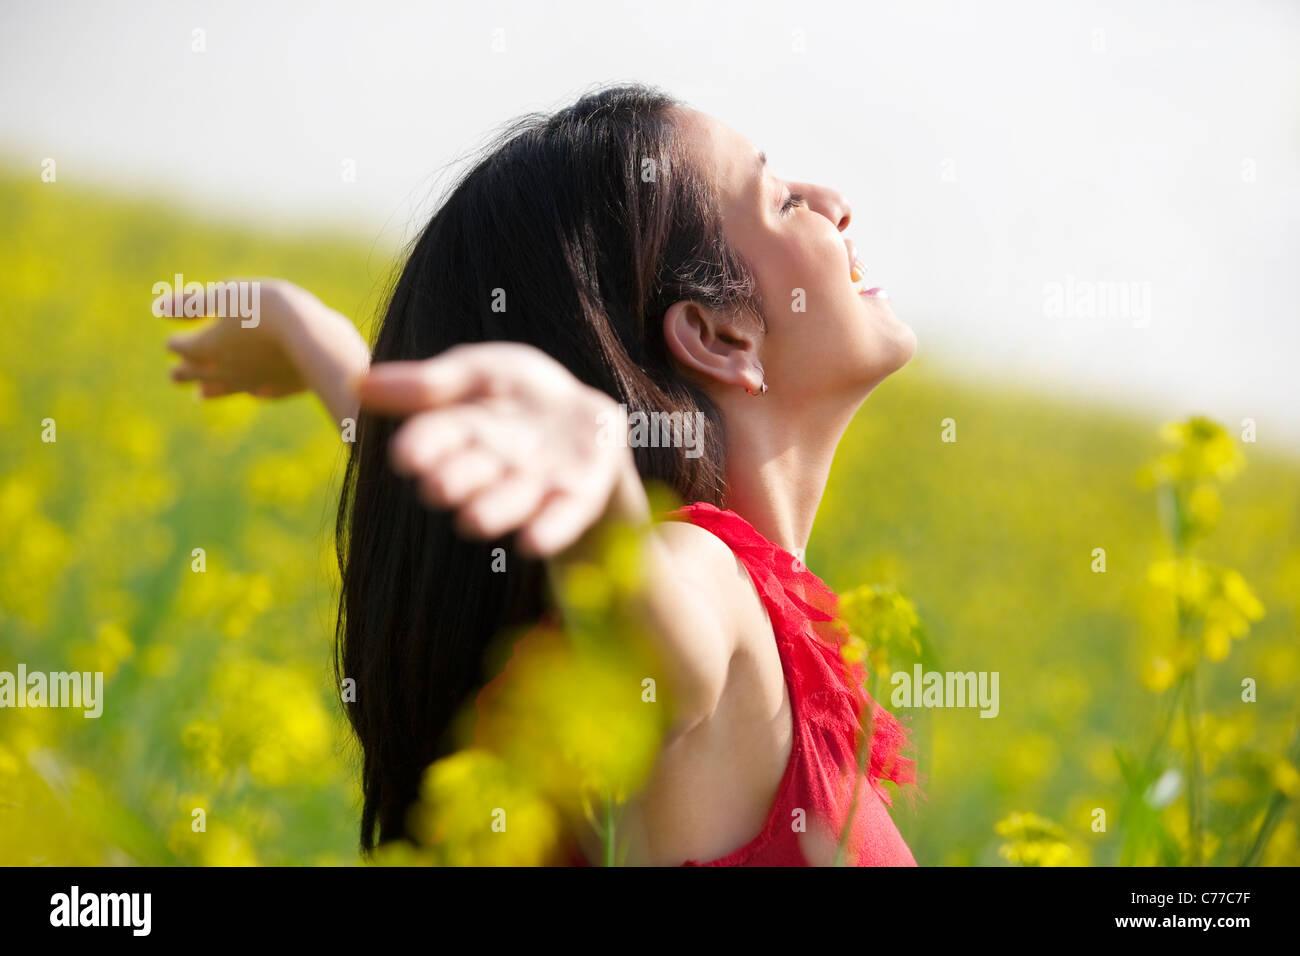 Junge Frau amüsiert sich in einem Feld Stockbild